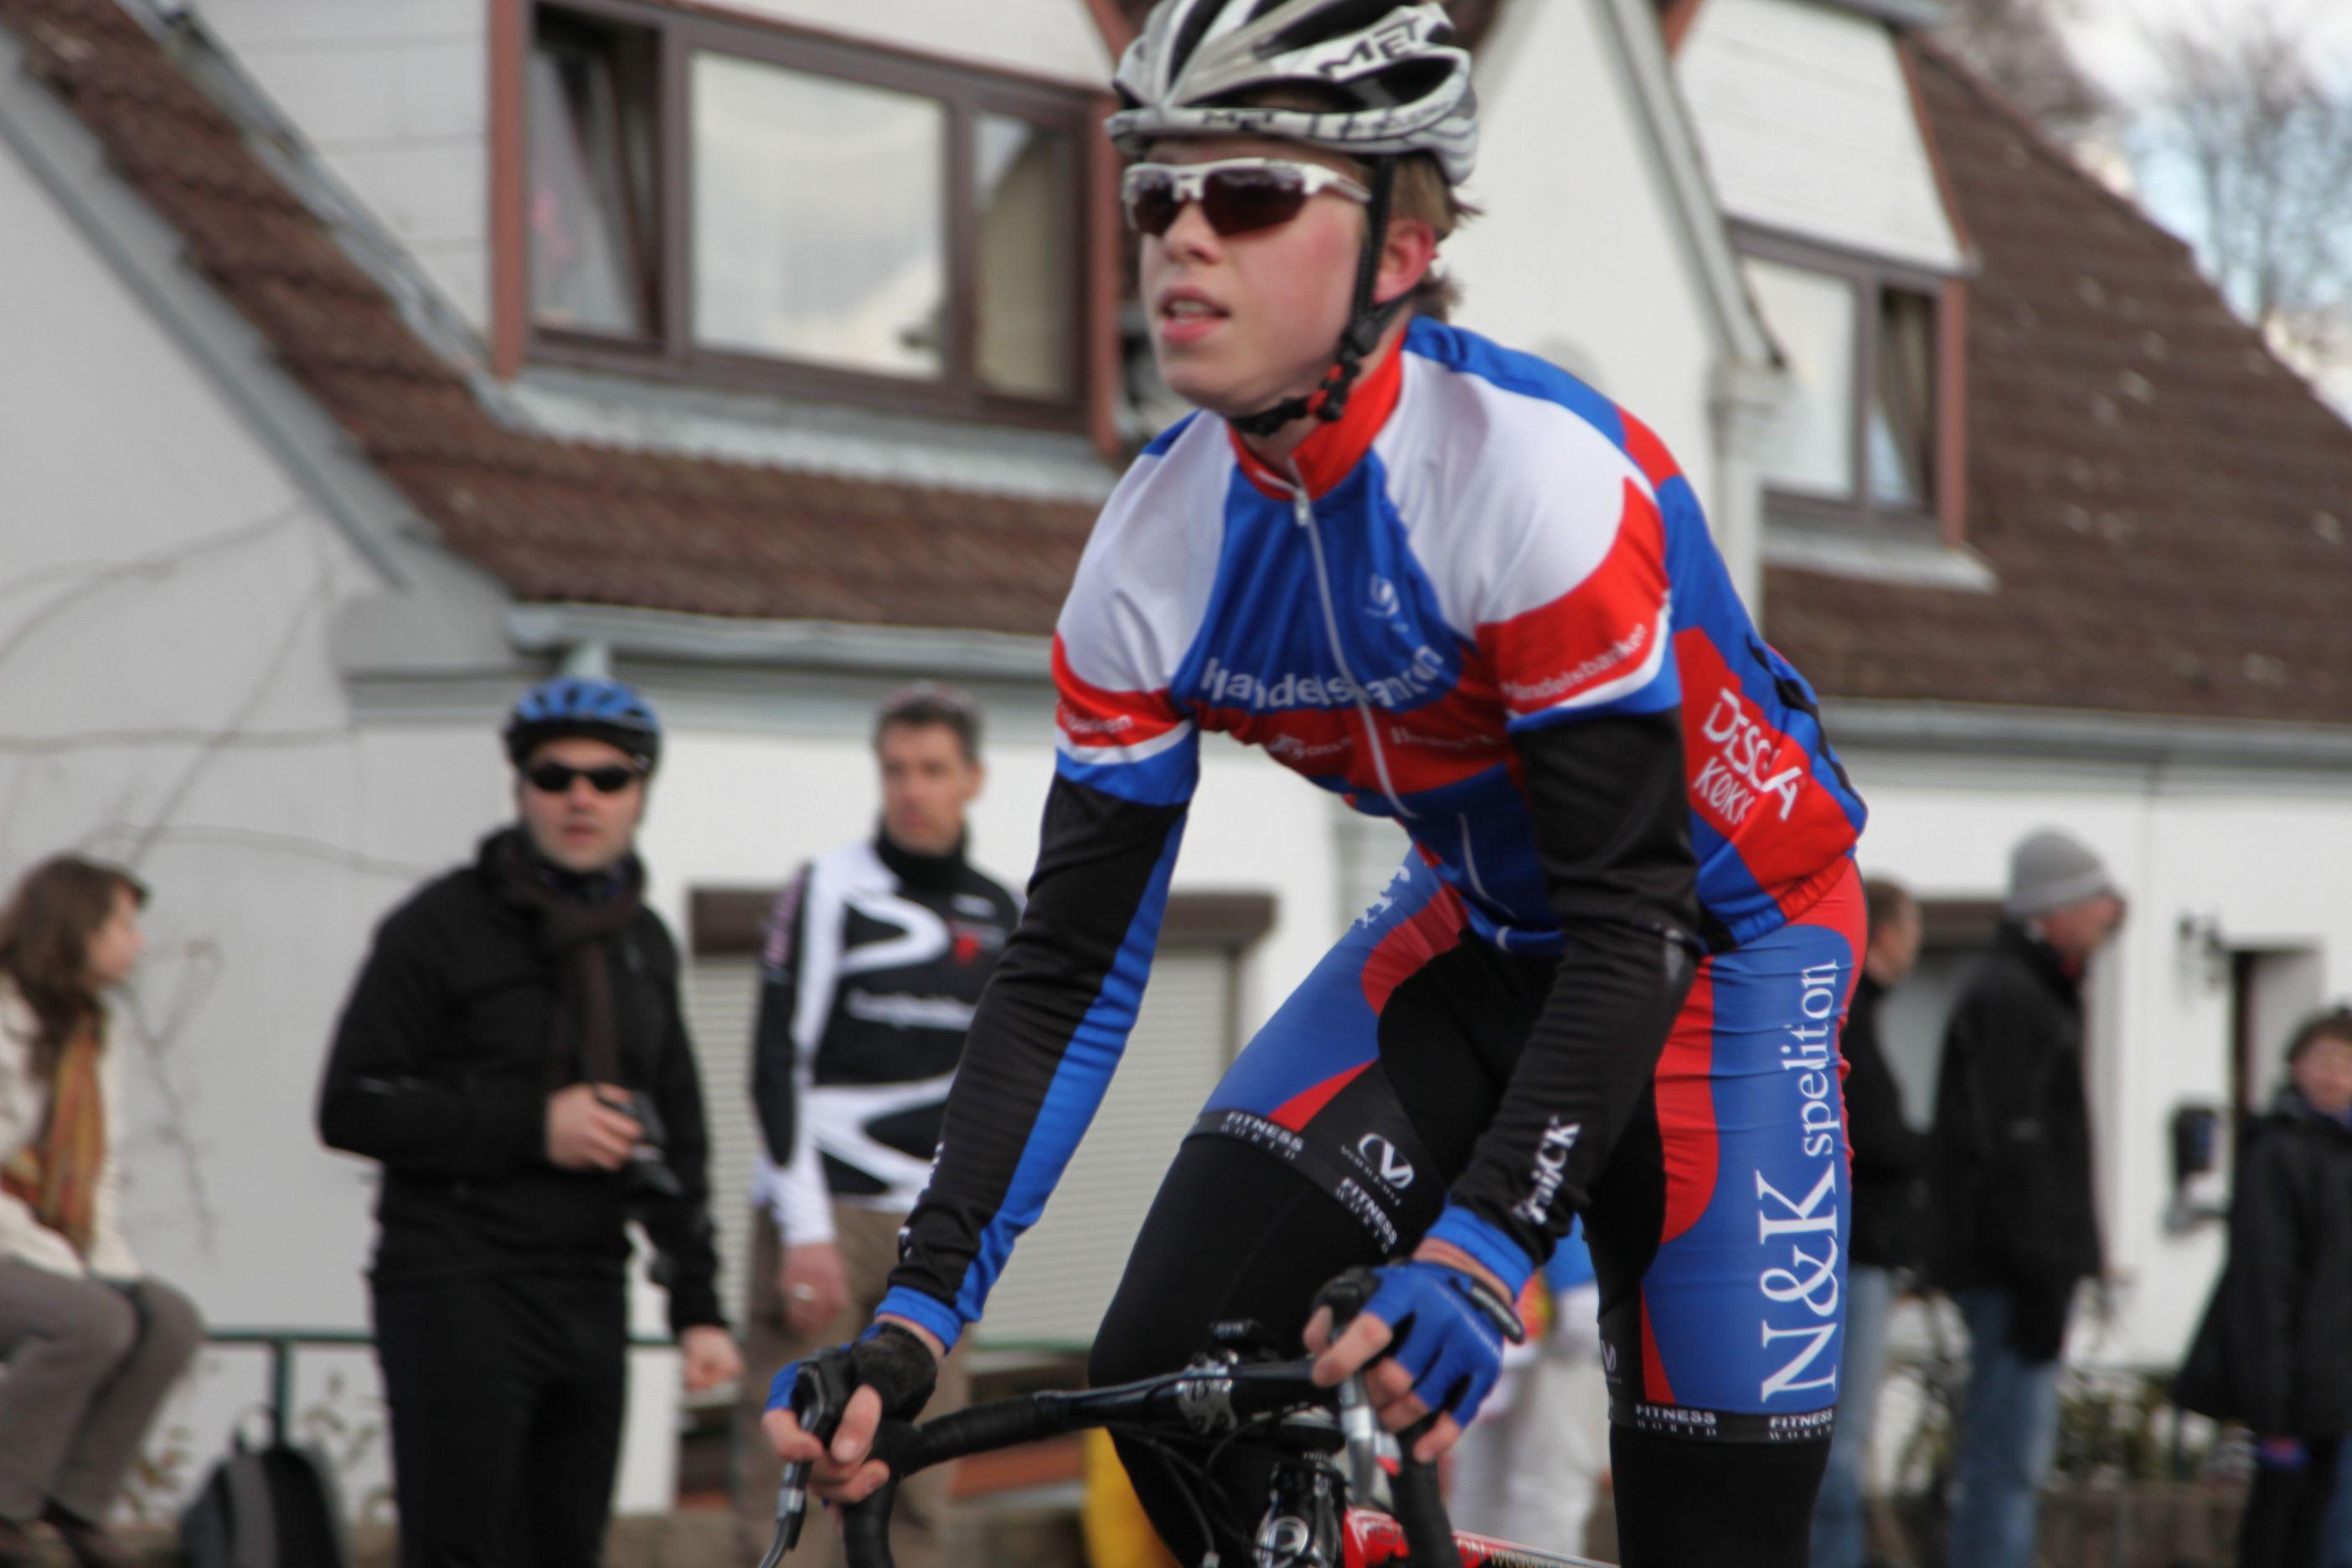 img_2981 ascheffel 2011